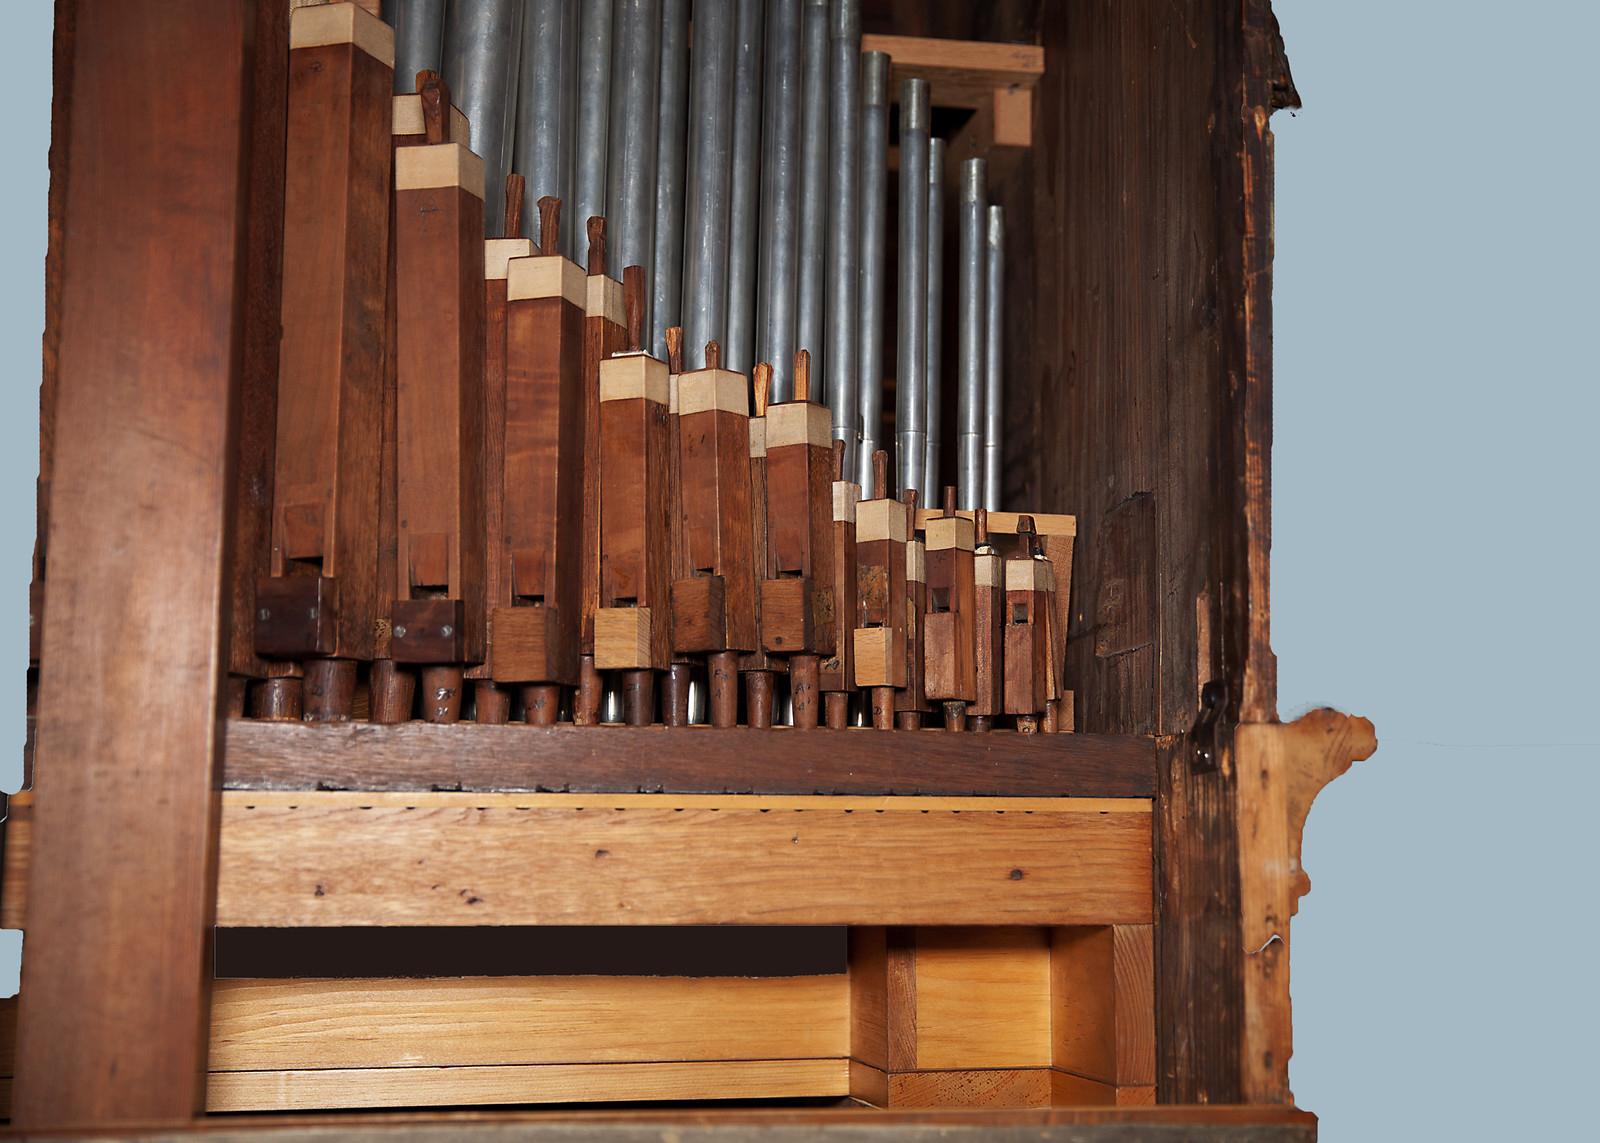 The Antique Organ & Best Naples Florida Church Music Pipe Organs Gospel Music Church ...